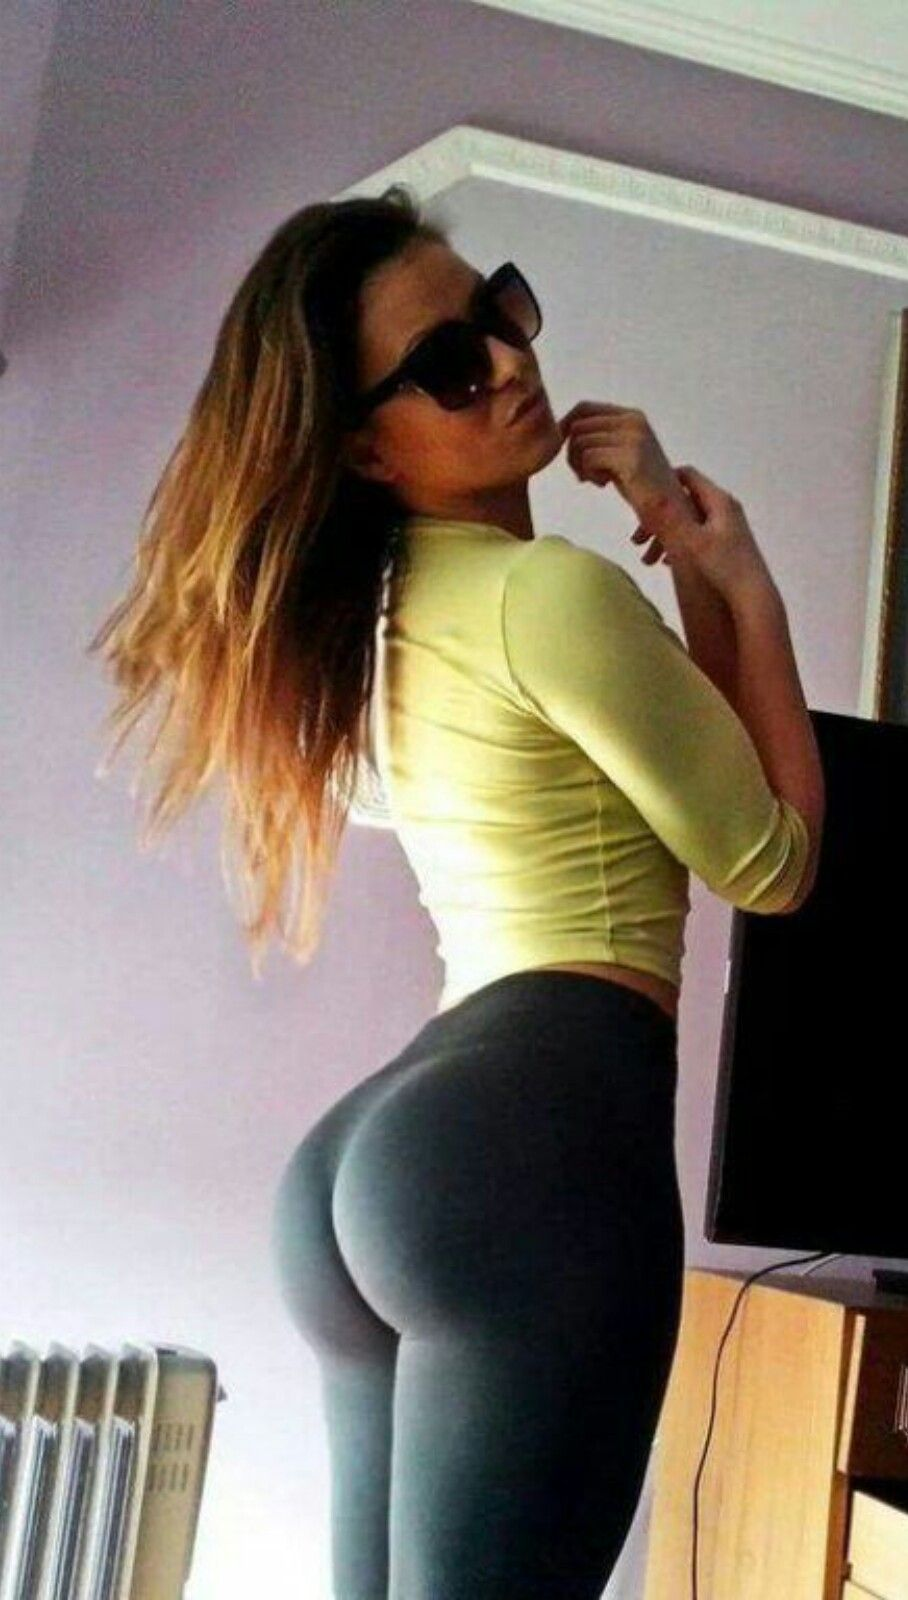 pants Tight ass yoga